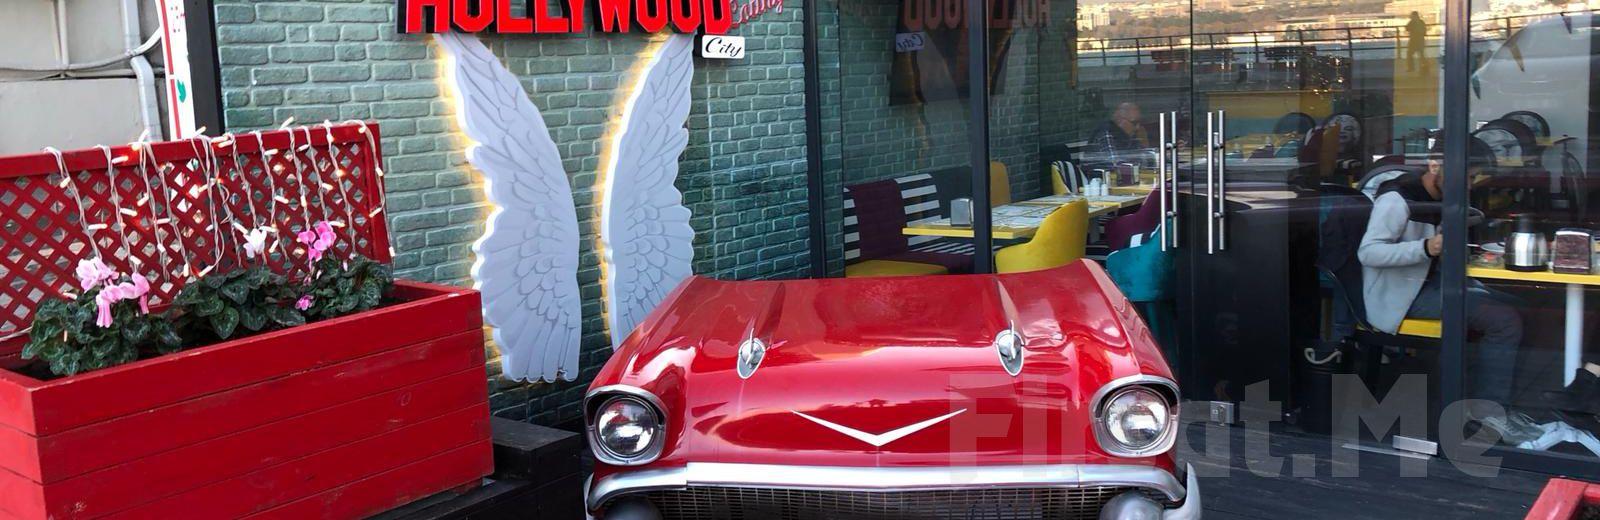 Hollywood City Lounge Üsküdar'da Leziz Balık Menü